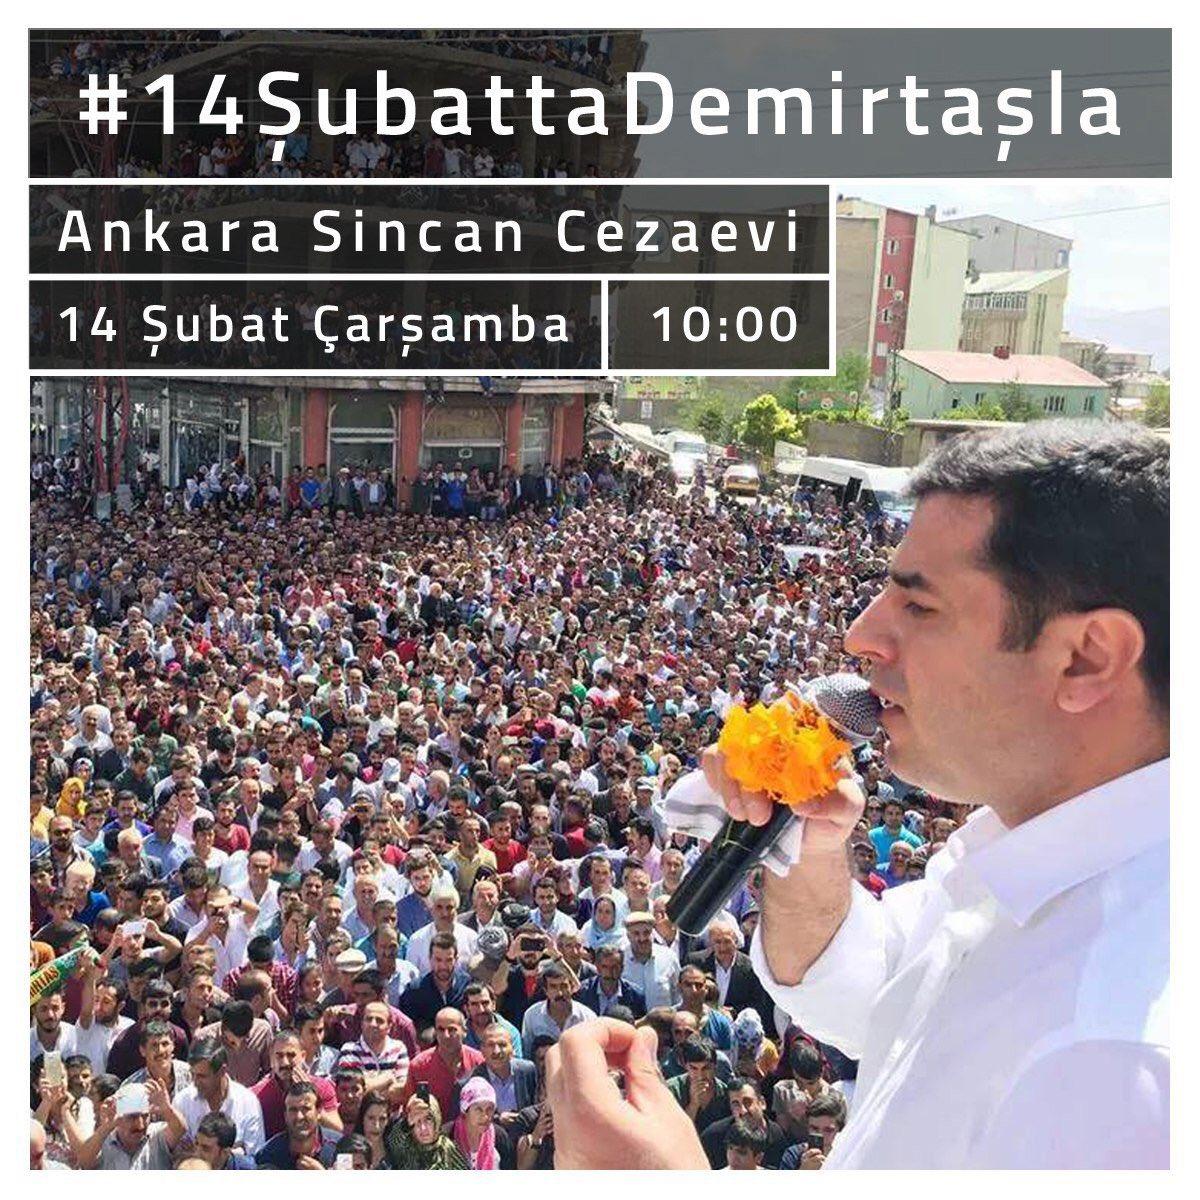 #14ŞubattaDemirtaşla 'yız https://t.co/5...